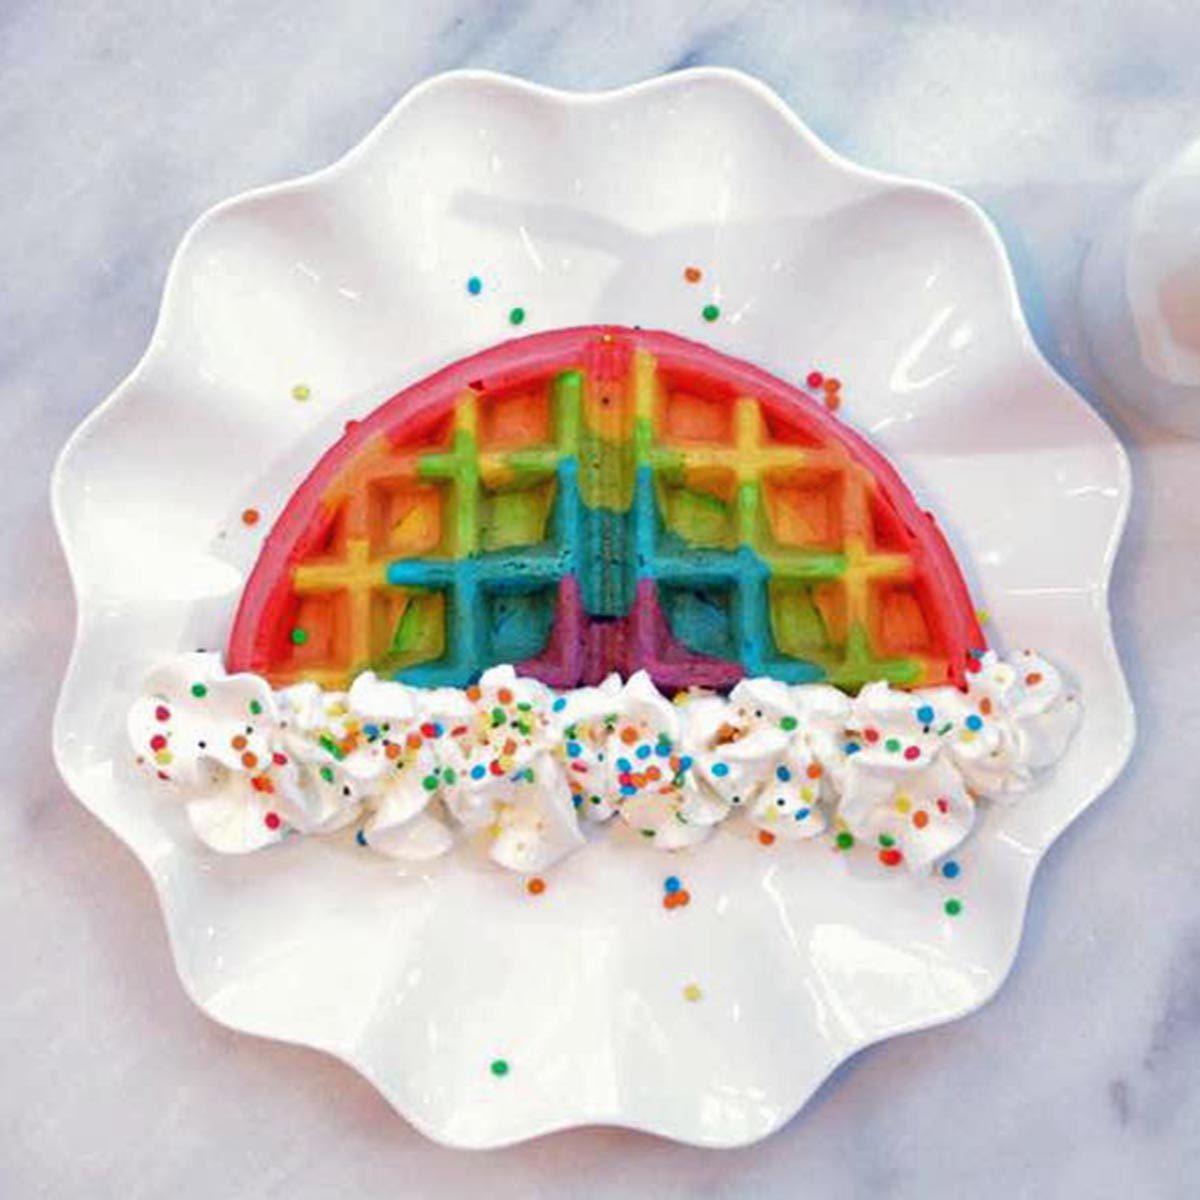 15 Fun Breakfast Ideas For Kids